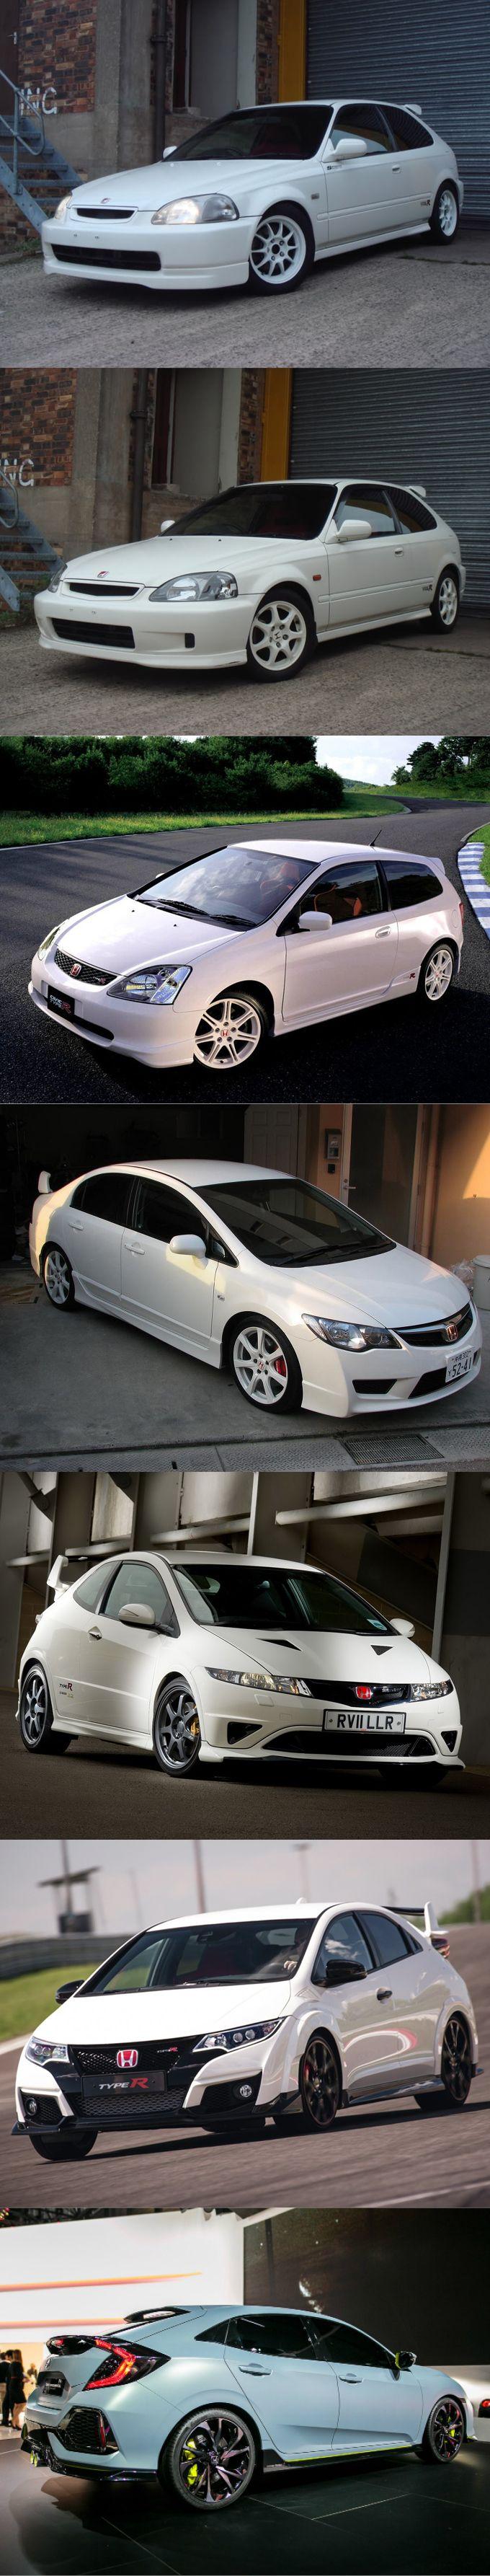 Honda civic type r evolution 1997 1999 facelift 2001 2006 2001 2015 2016 fc prototype japan white